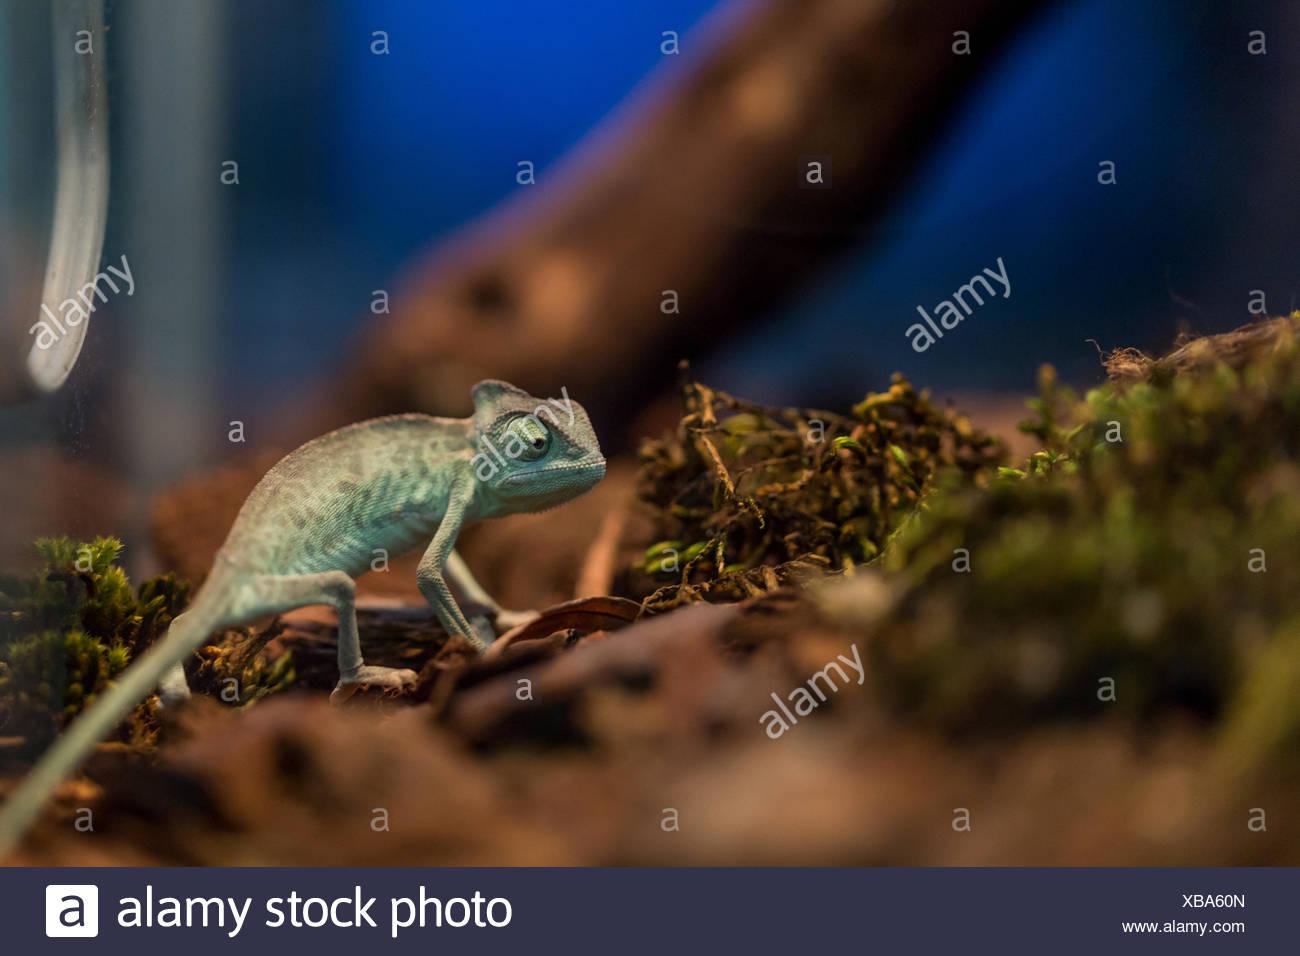 Small Lizard In Terrarium For Home Decor Stock Photo Alamy